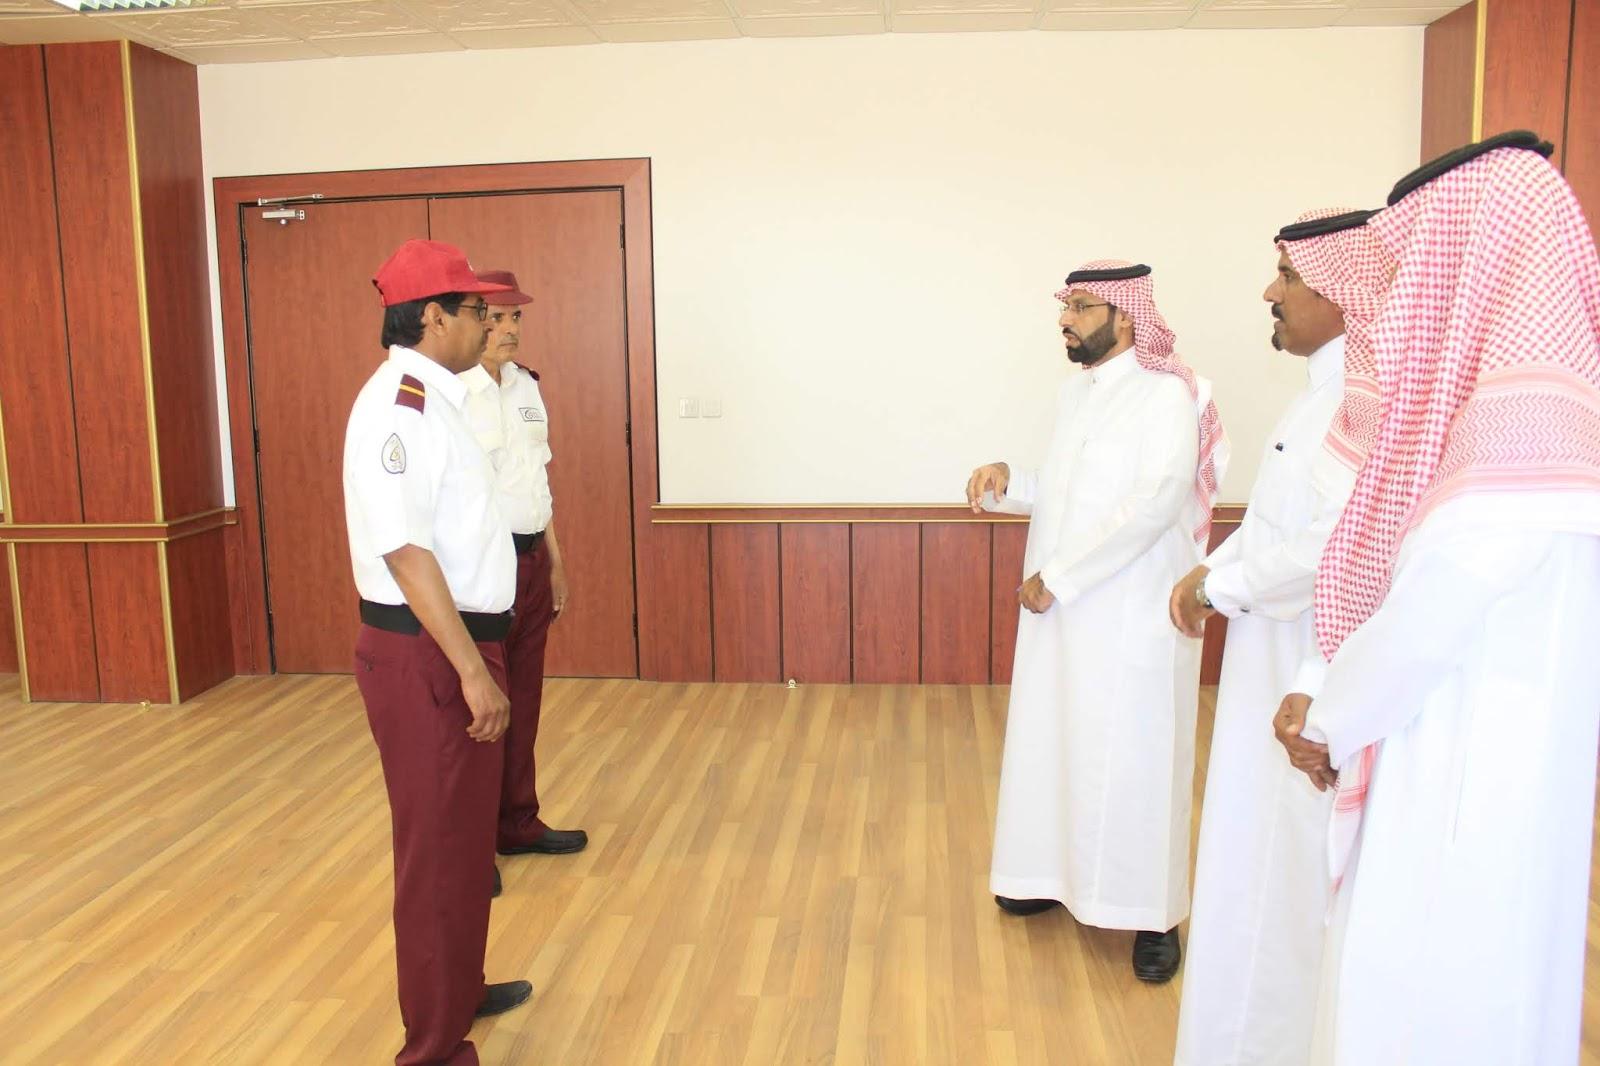 انطلاق عمل شركة الحراسات الأمنية في المدارس